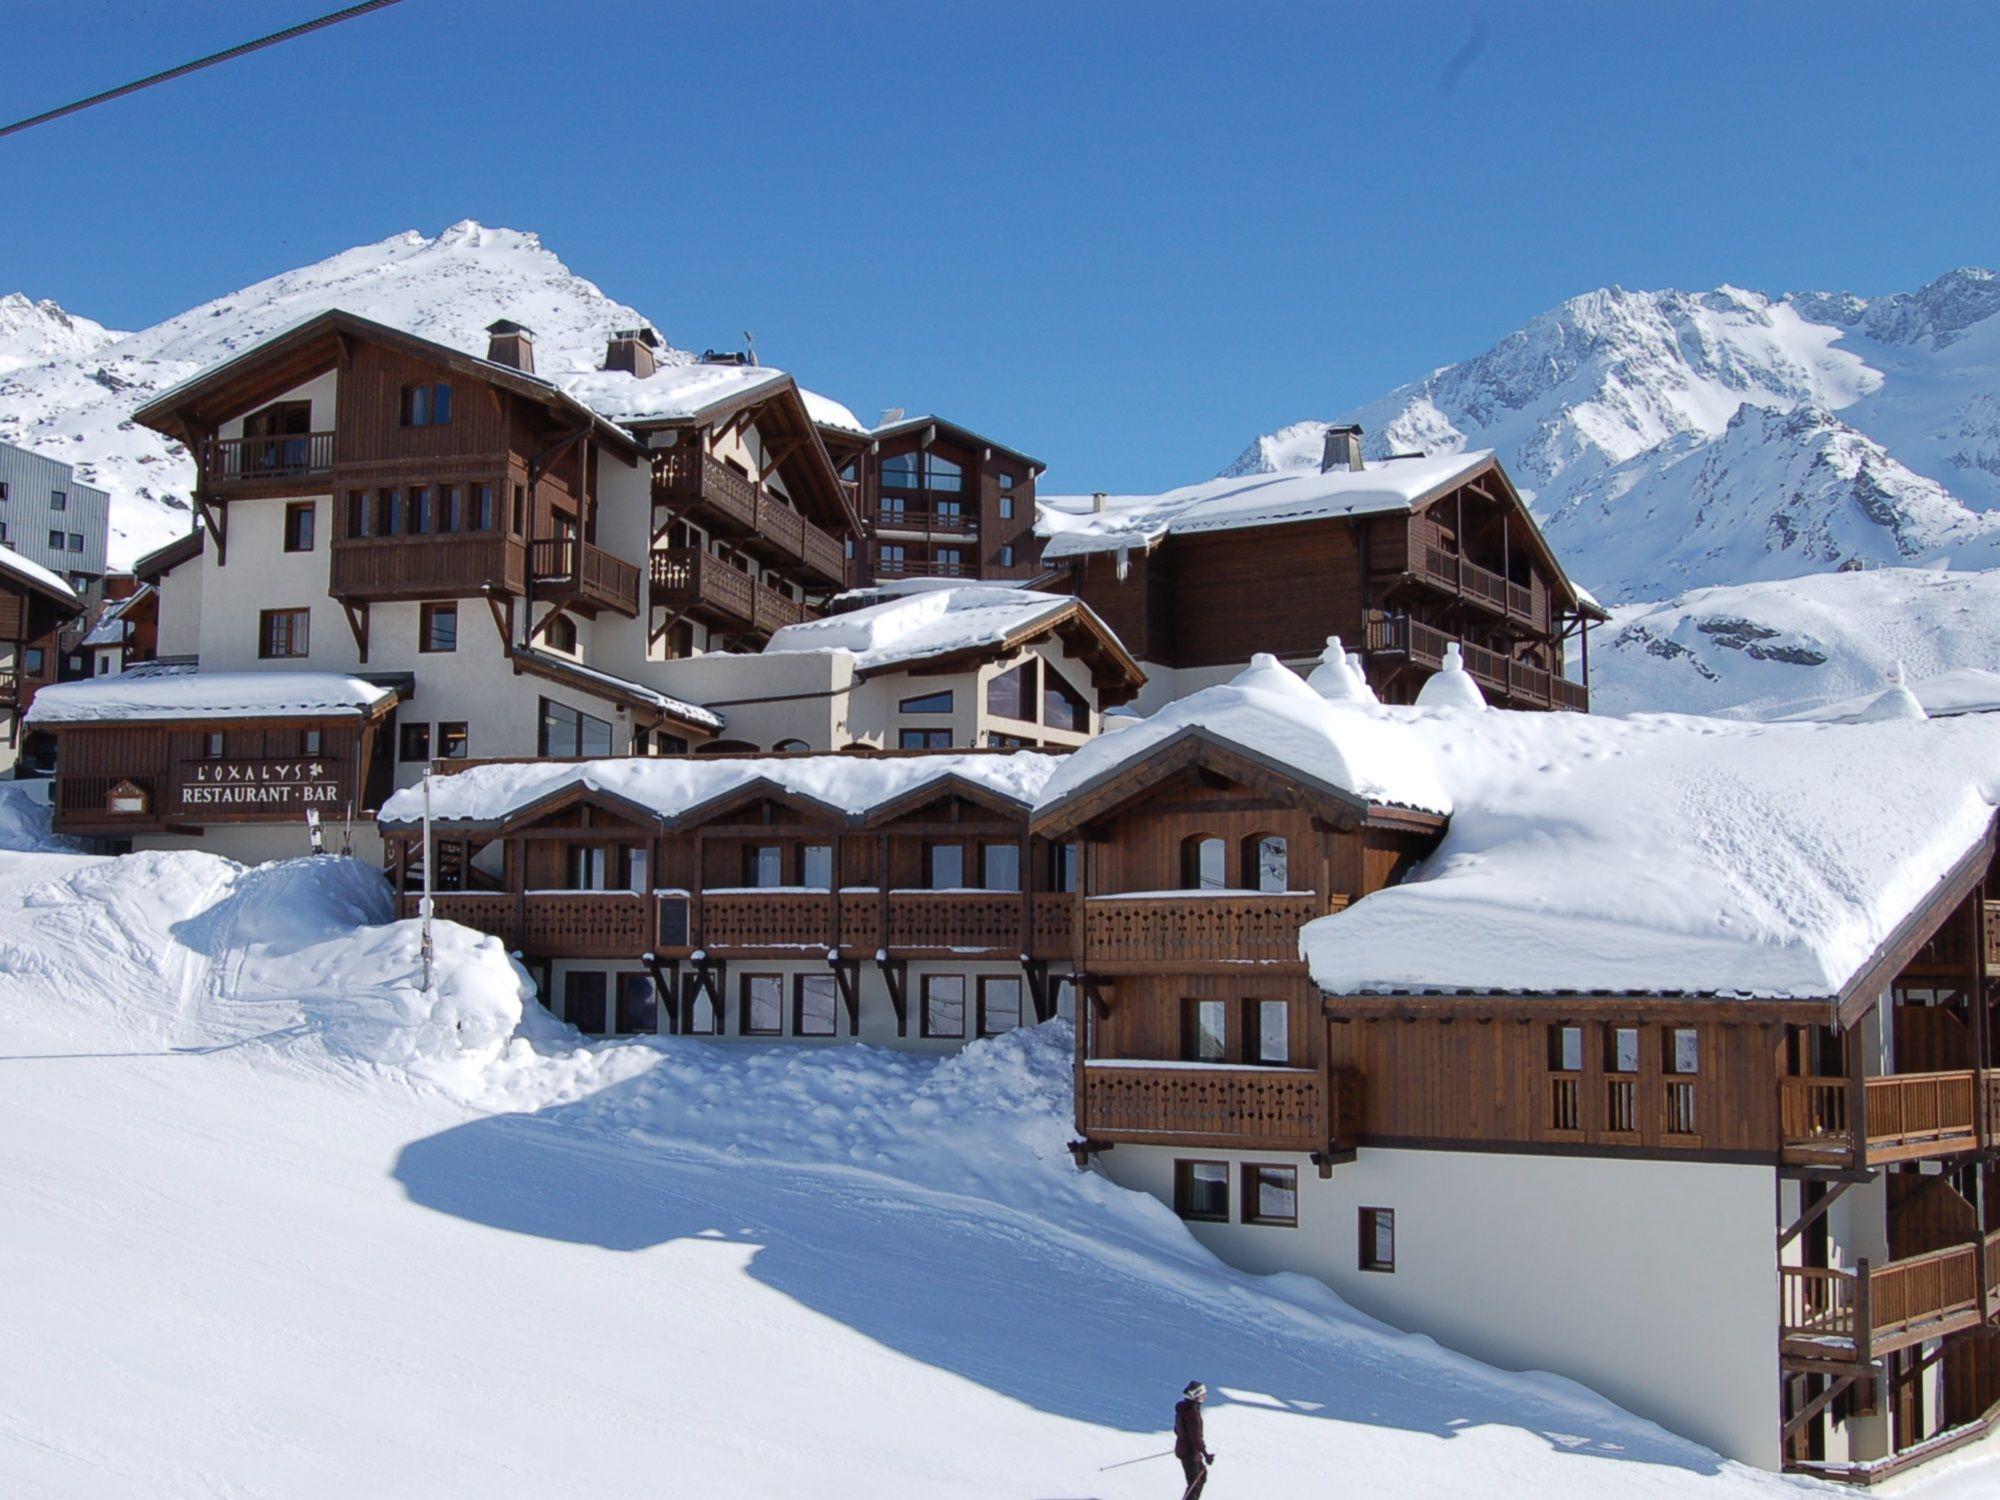 Chalet-appartement Montagnettes Oxalys met sauna - 6 personen